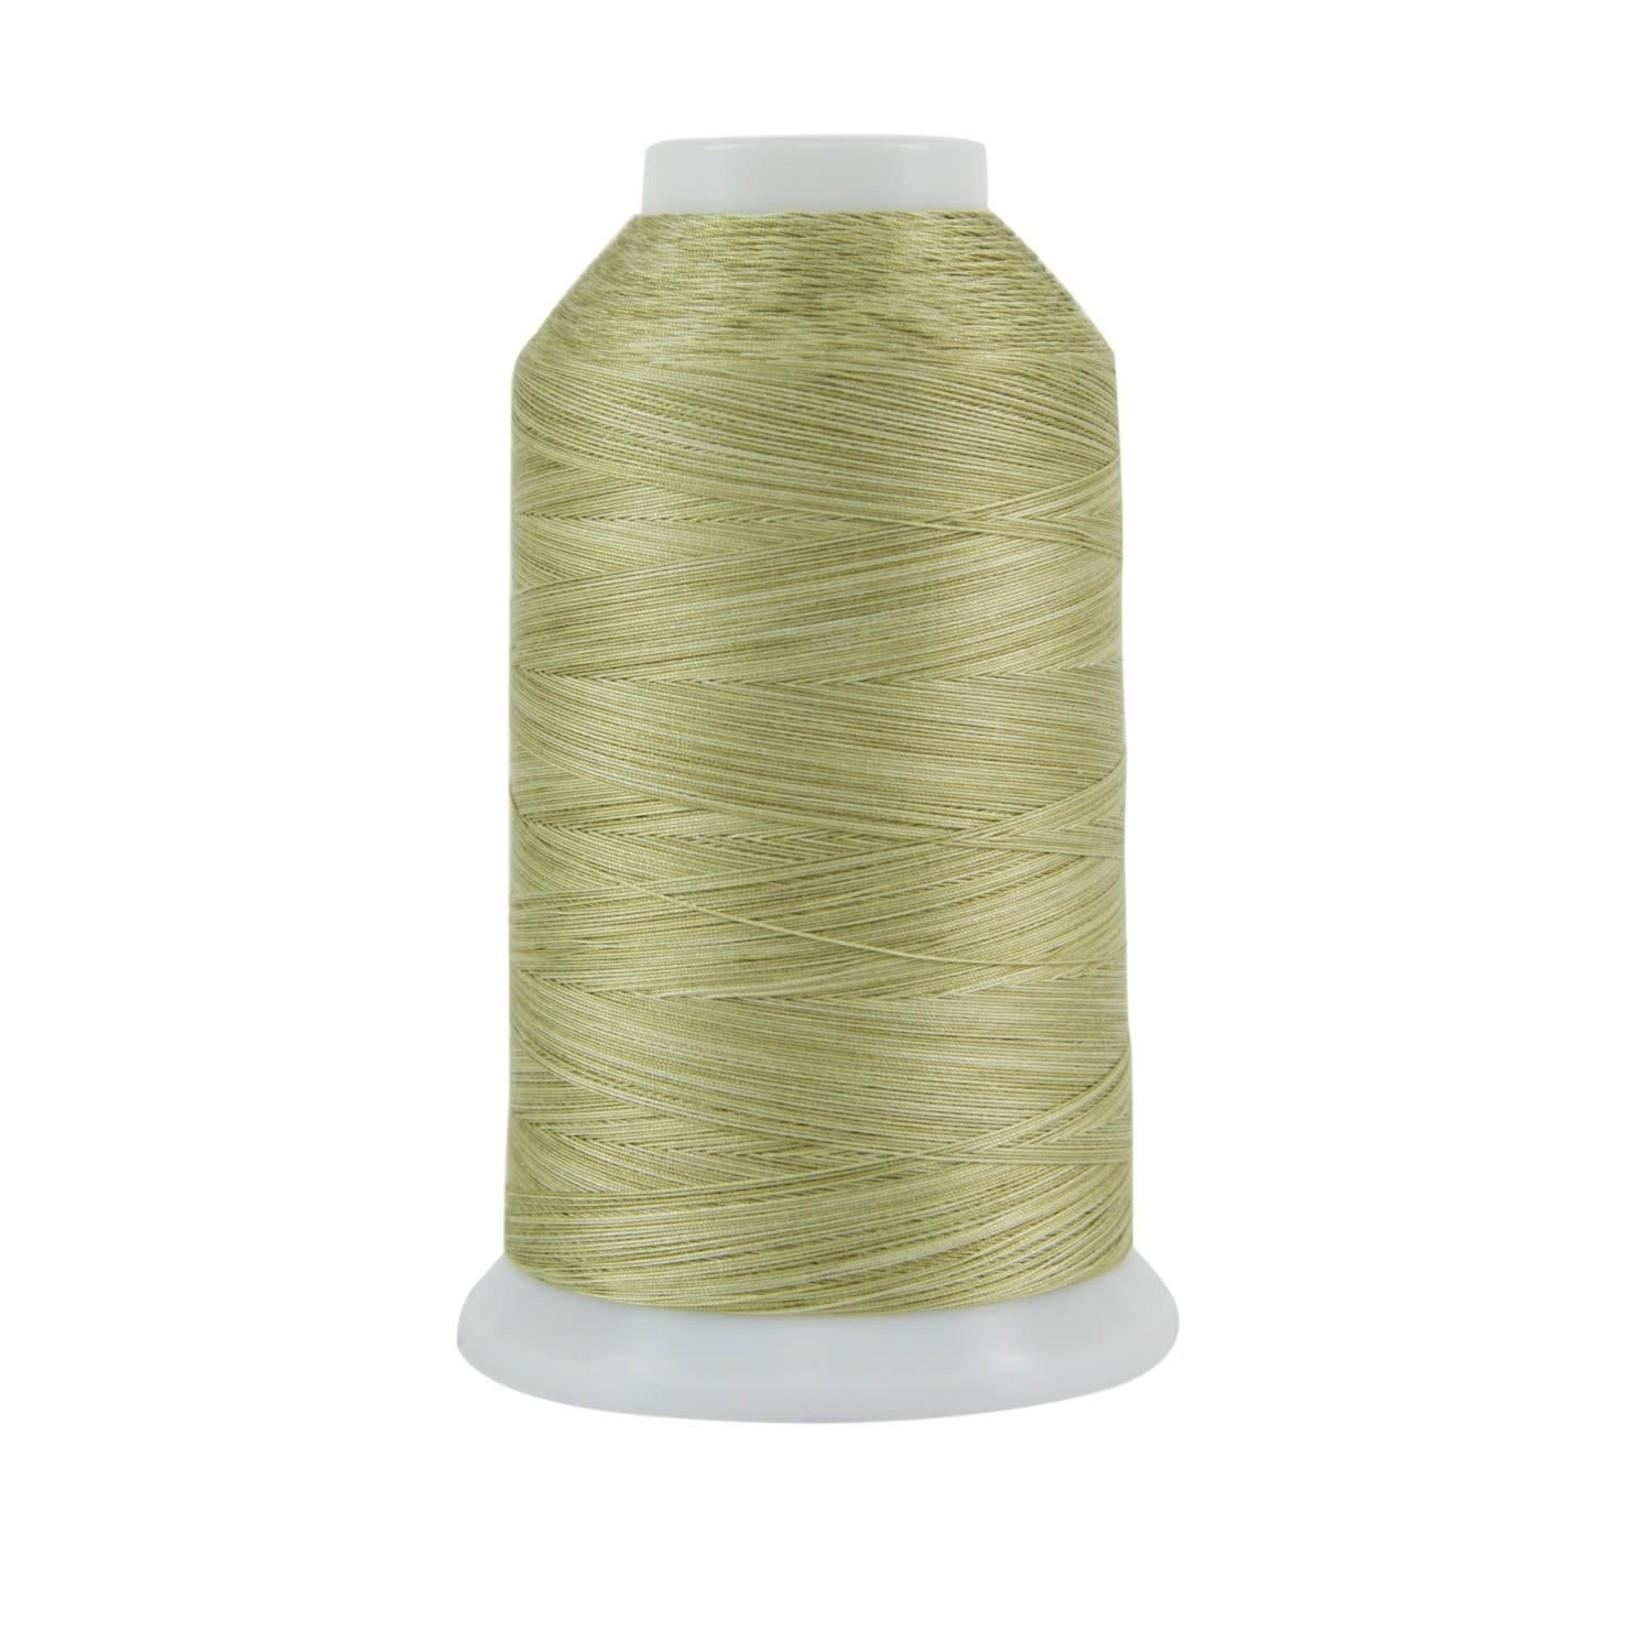 Superior Threads King Tut - #40 - 1828 m - 0967 Basket